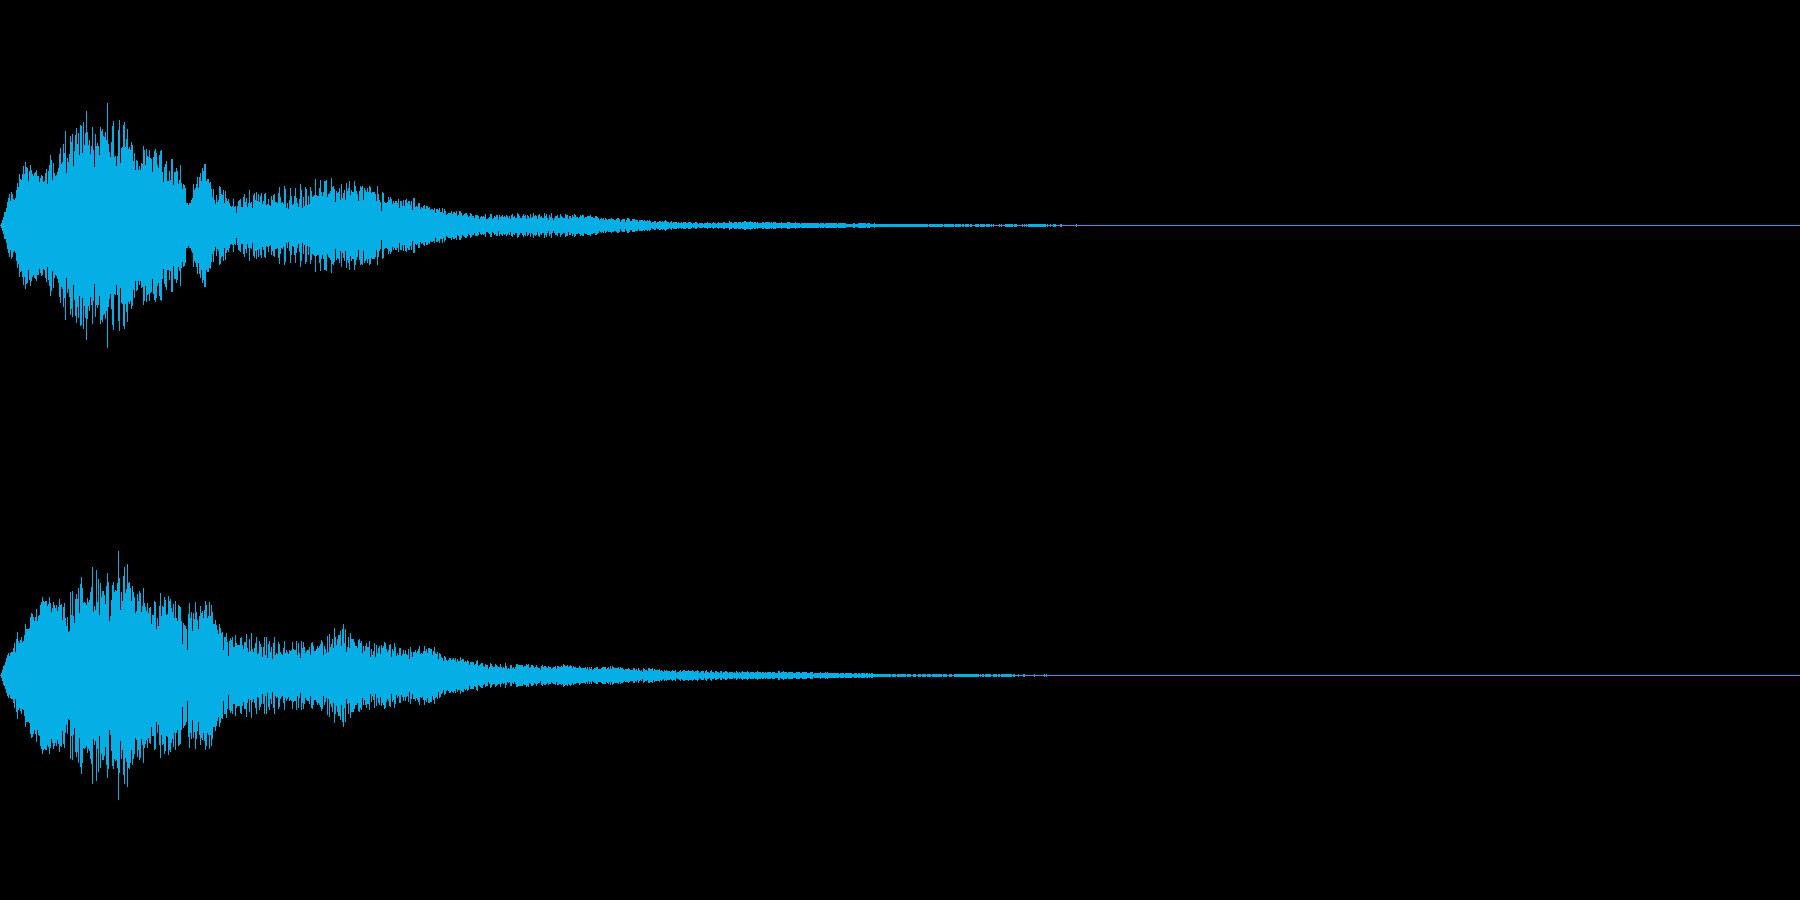 シュイン(ゲーム・アプリ等の決定音)の再生済みの波形